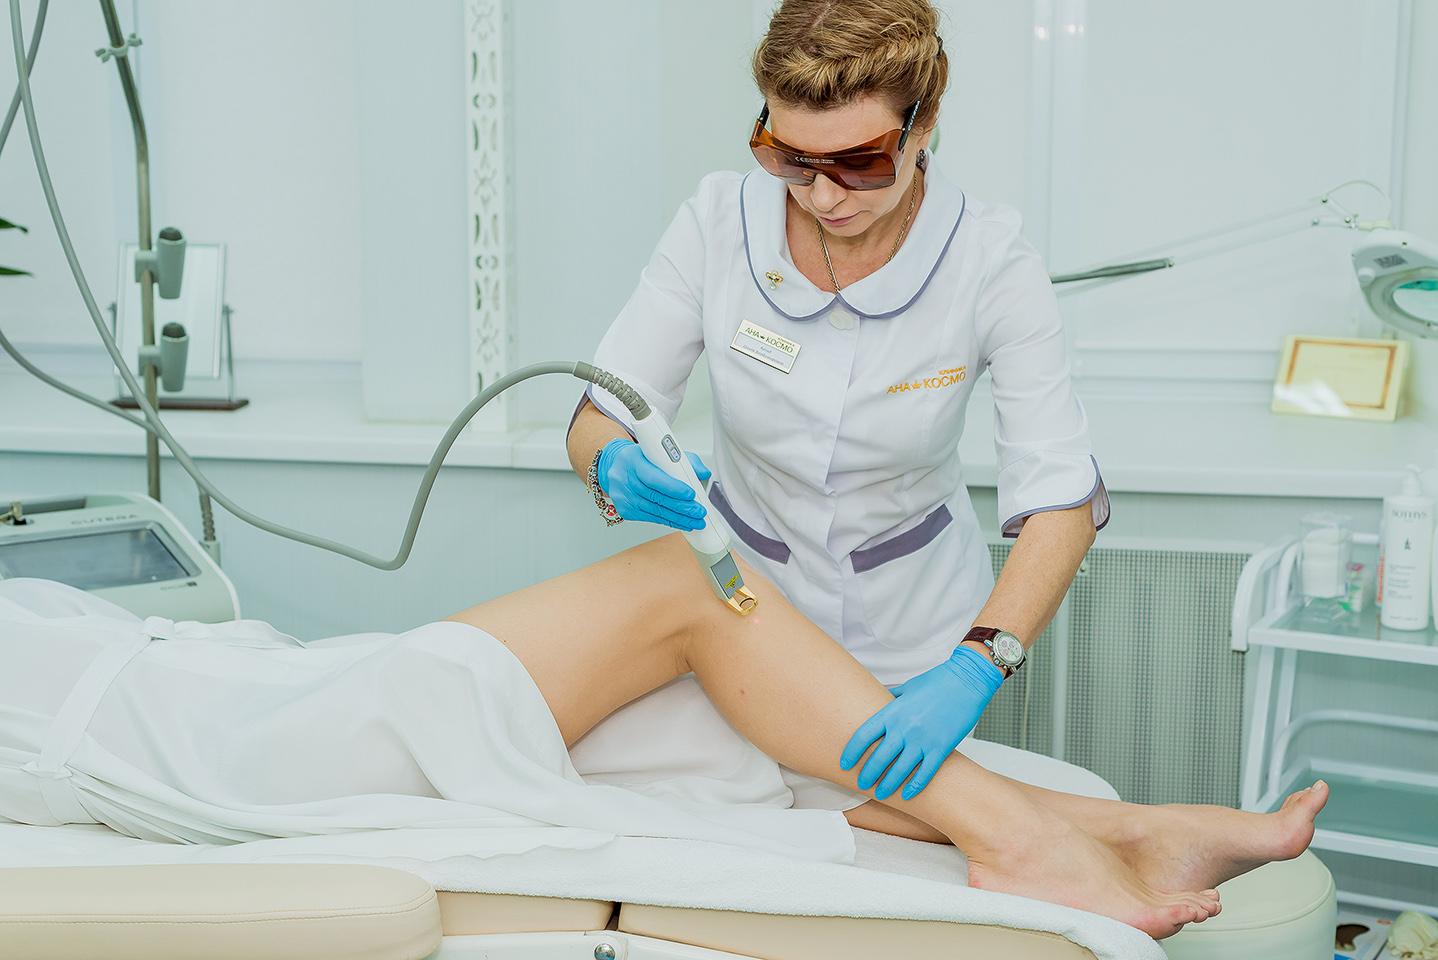 Процедура лазерної та фото-епіляції в клініці АНА-КОСМОАпарат CUTERA - найбезпечніший і результативний апарат видалення волосся на обличчі і тілі